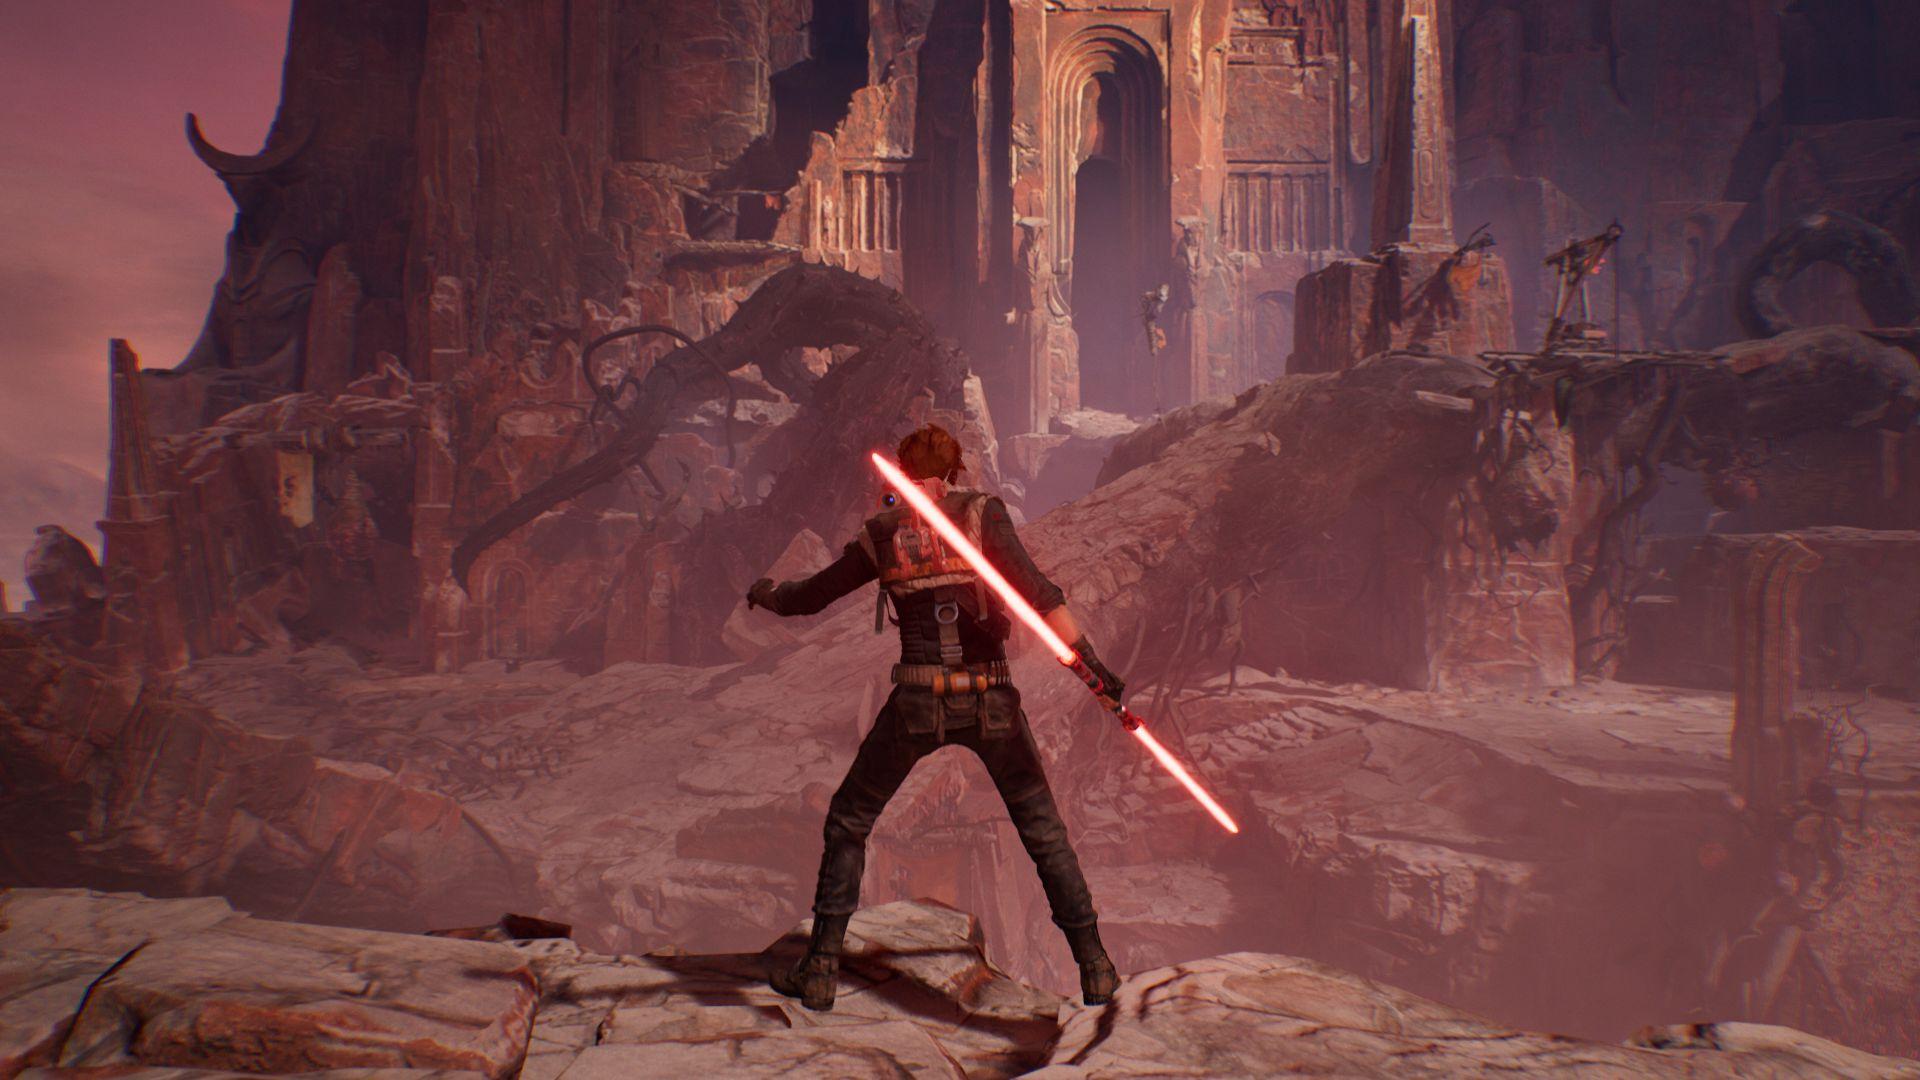 00085.Jpg - Star Wars Jedi: Fallen Order